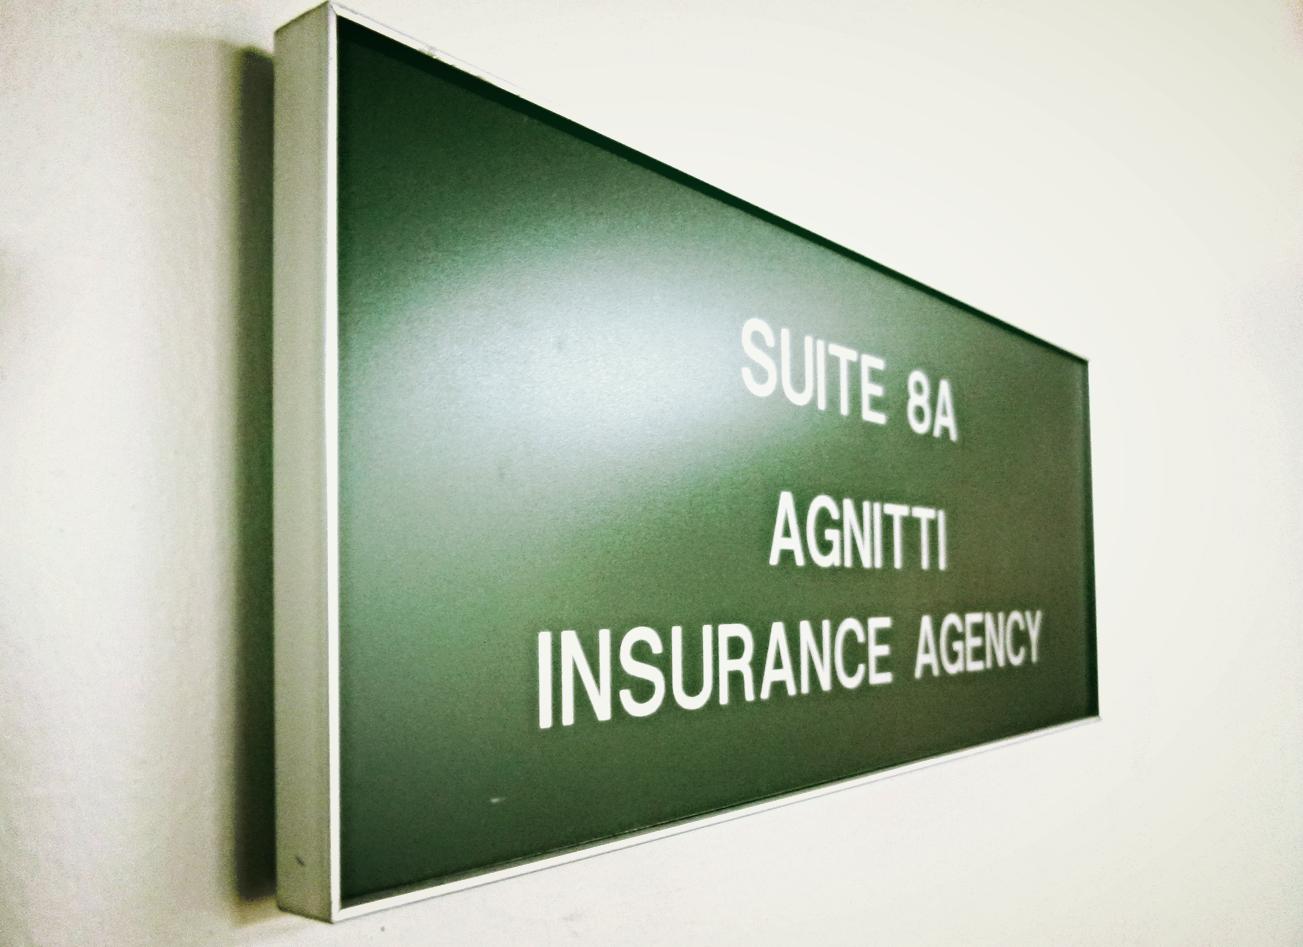 Agnitti-insurance-sign